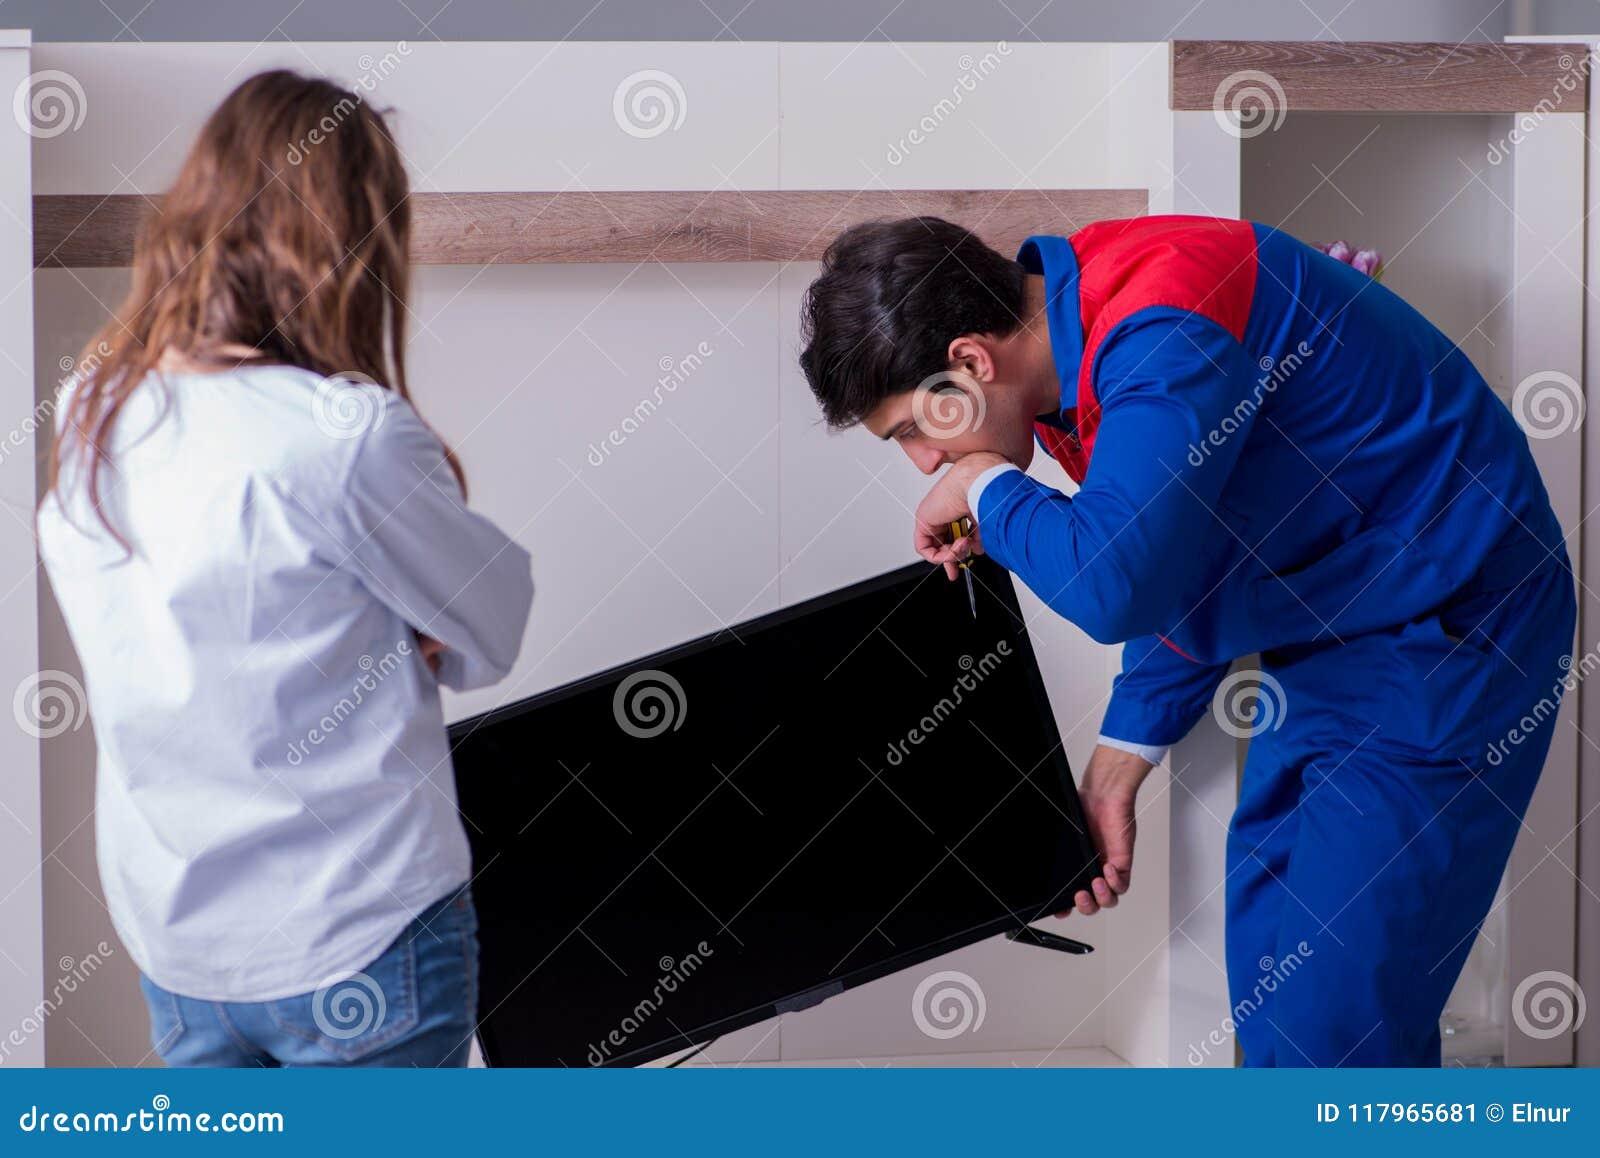 在家修理电视的电视安装工技术员